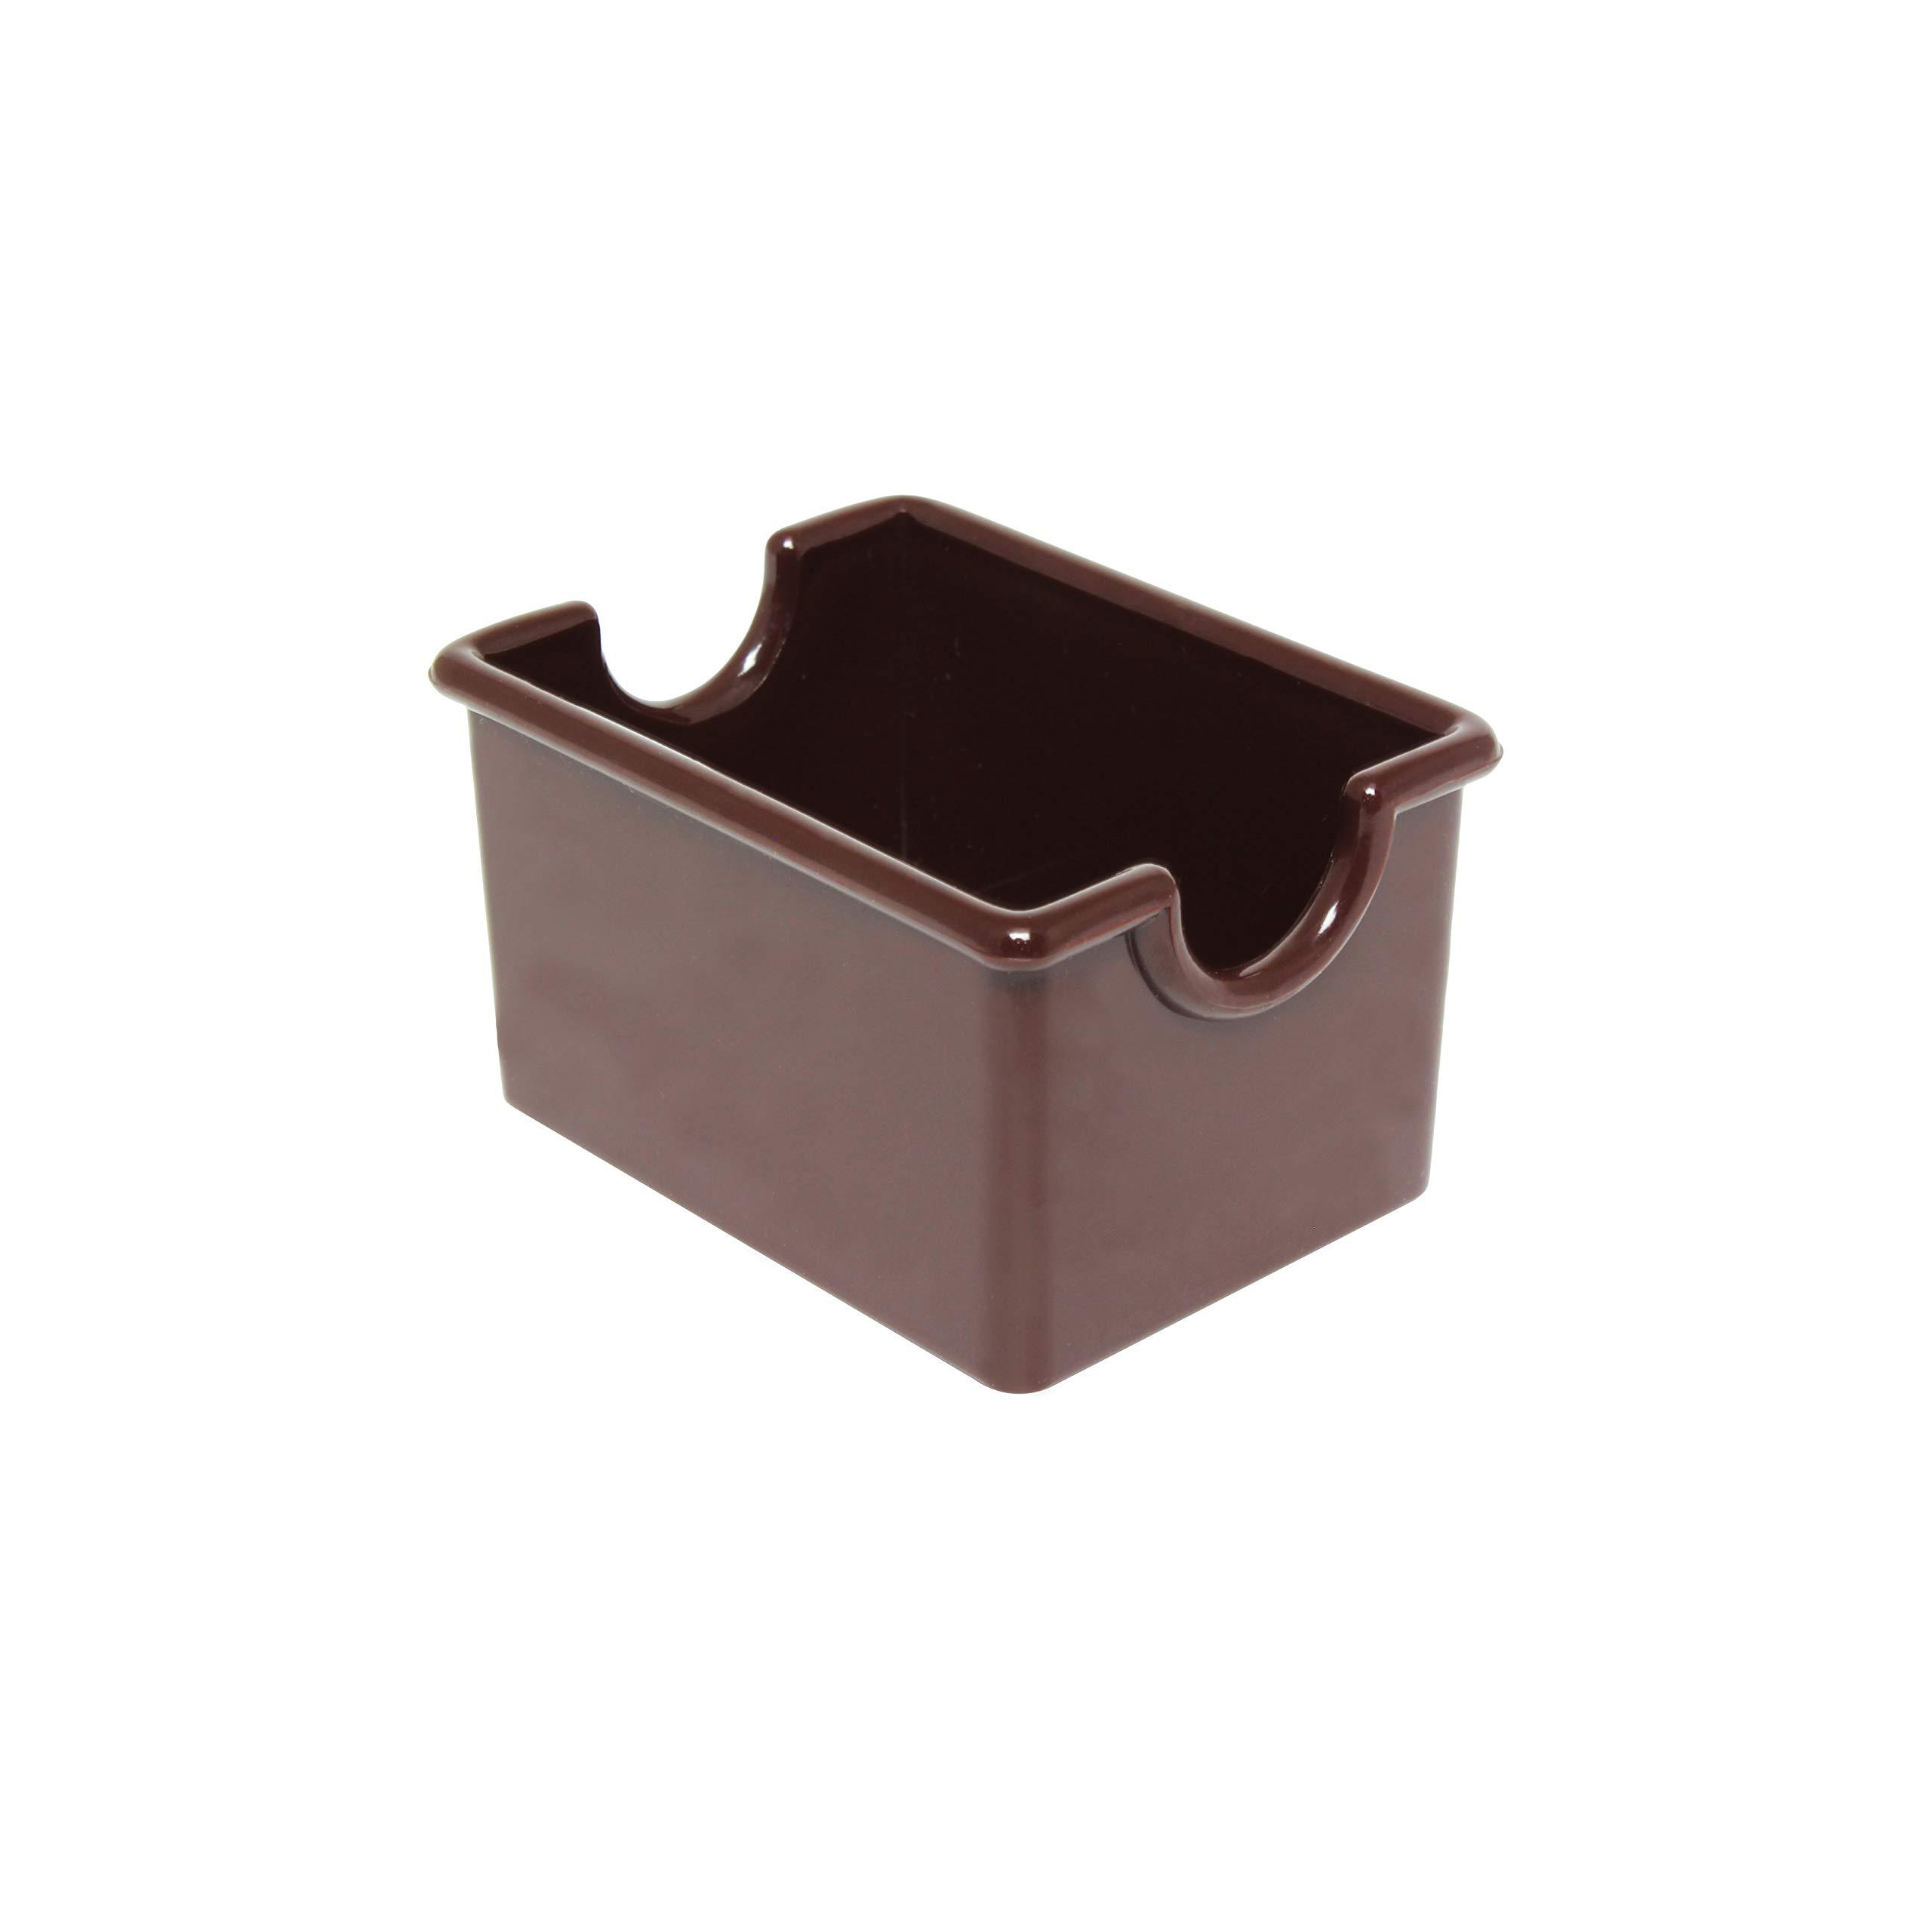 Restaurant Essentials Sugar packet holder, brown, comes in dozen